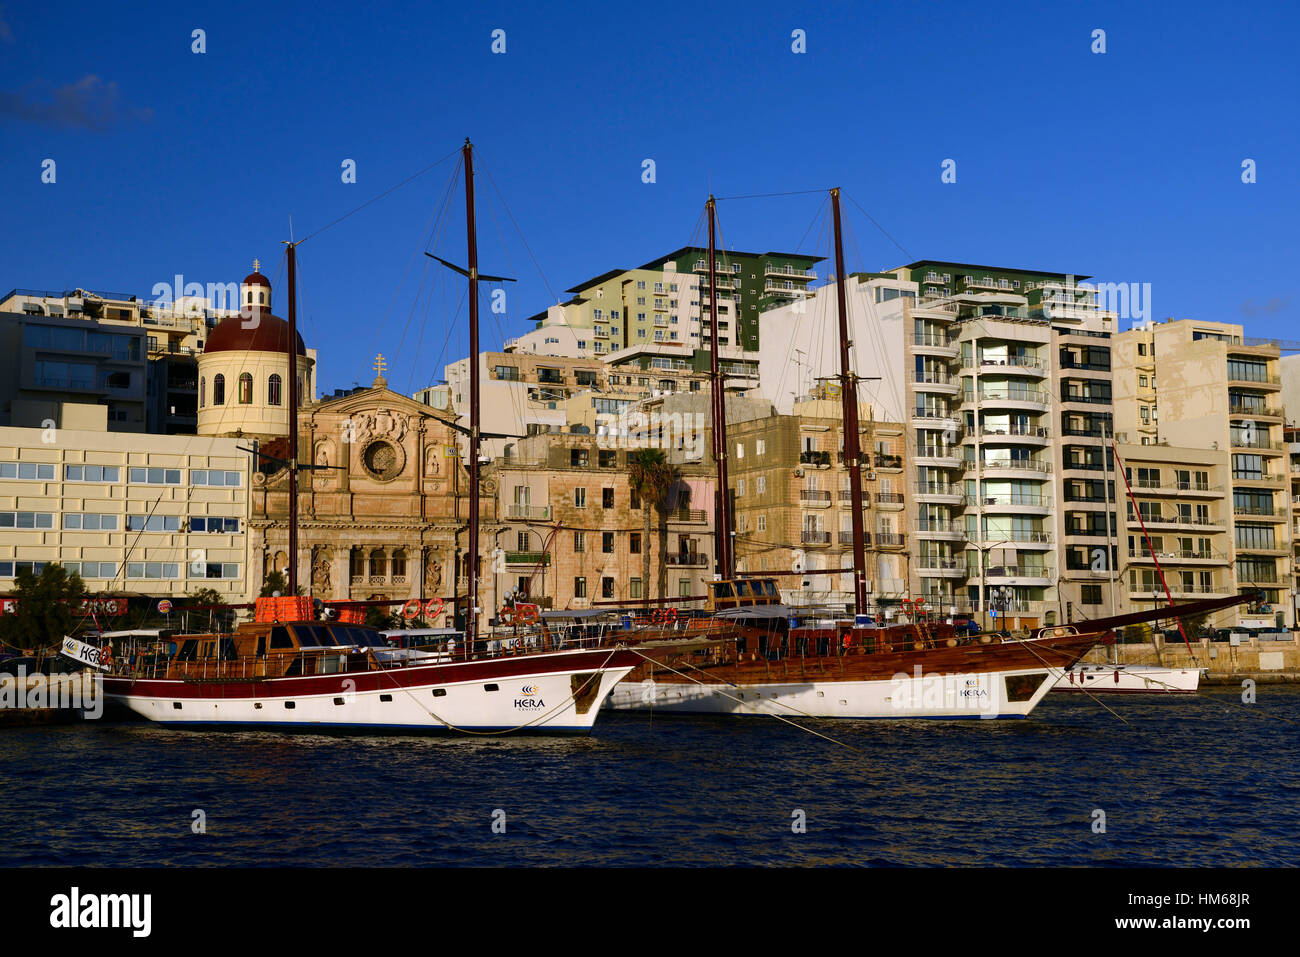 Bateau à voile bateaux navires navire amarré amarré quai sliema moor tour tours tourisme touristes Photo Stock